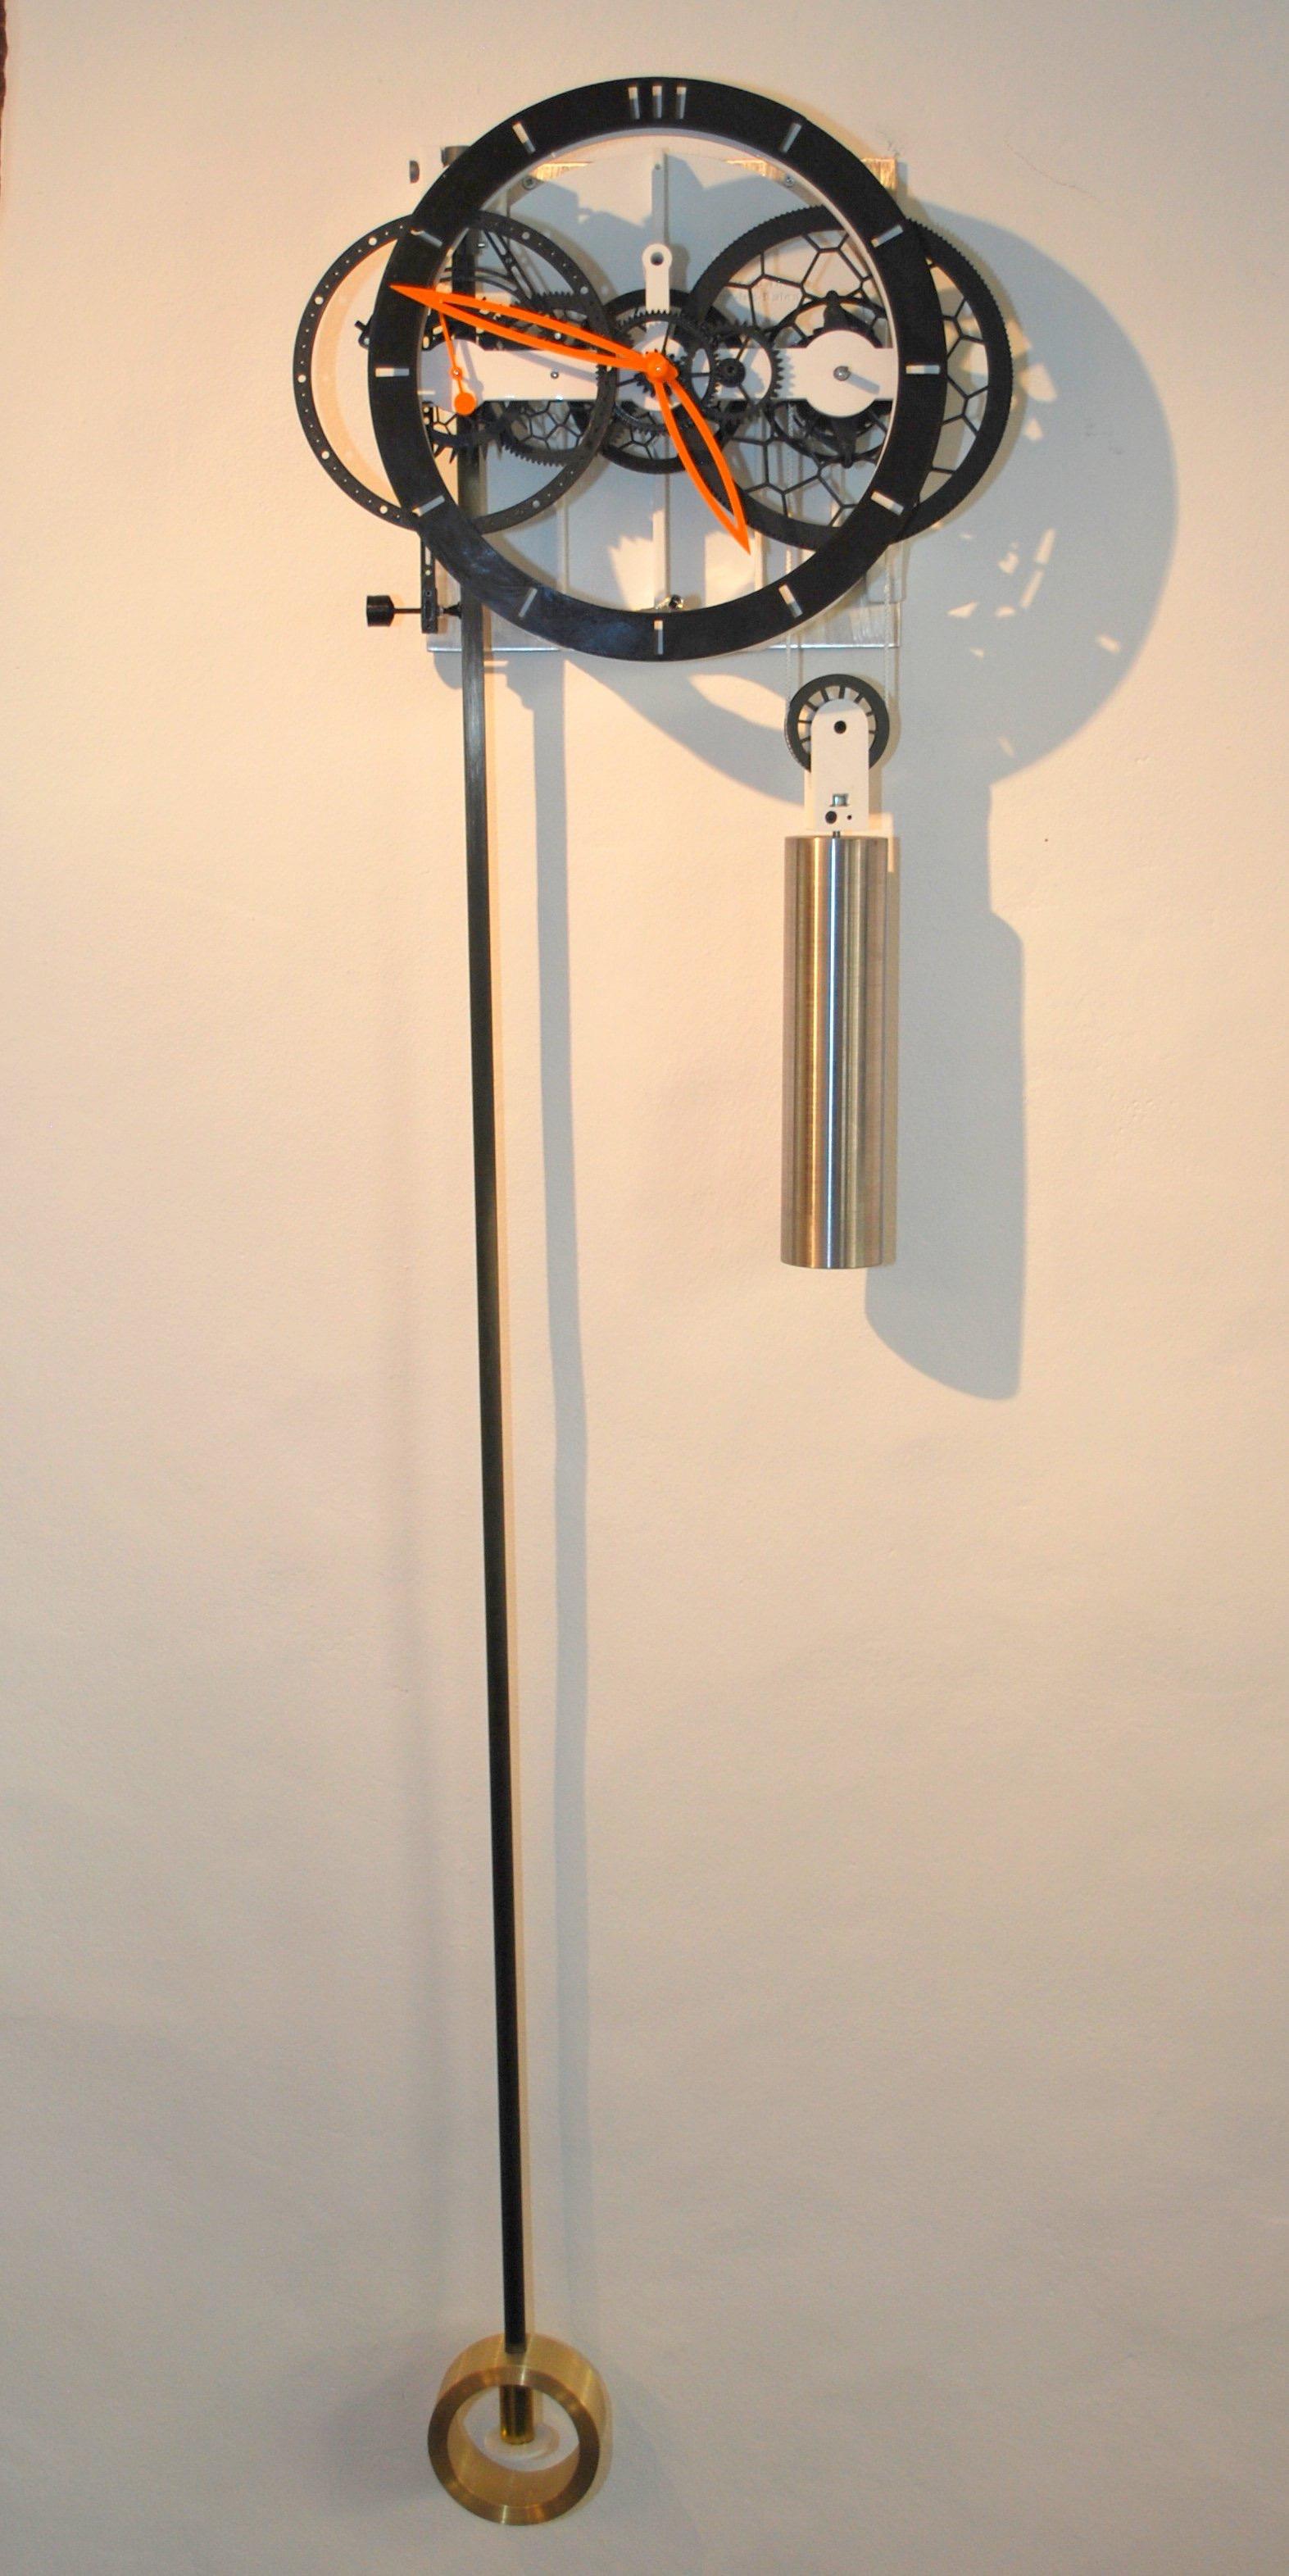 3D-Printed Pendulum Clock Ingenieur du Temps - 3